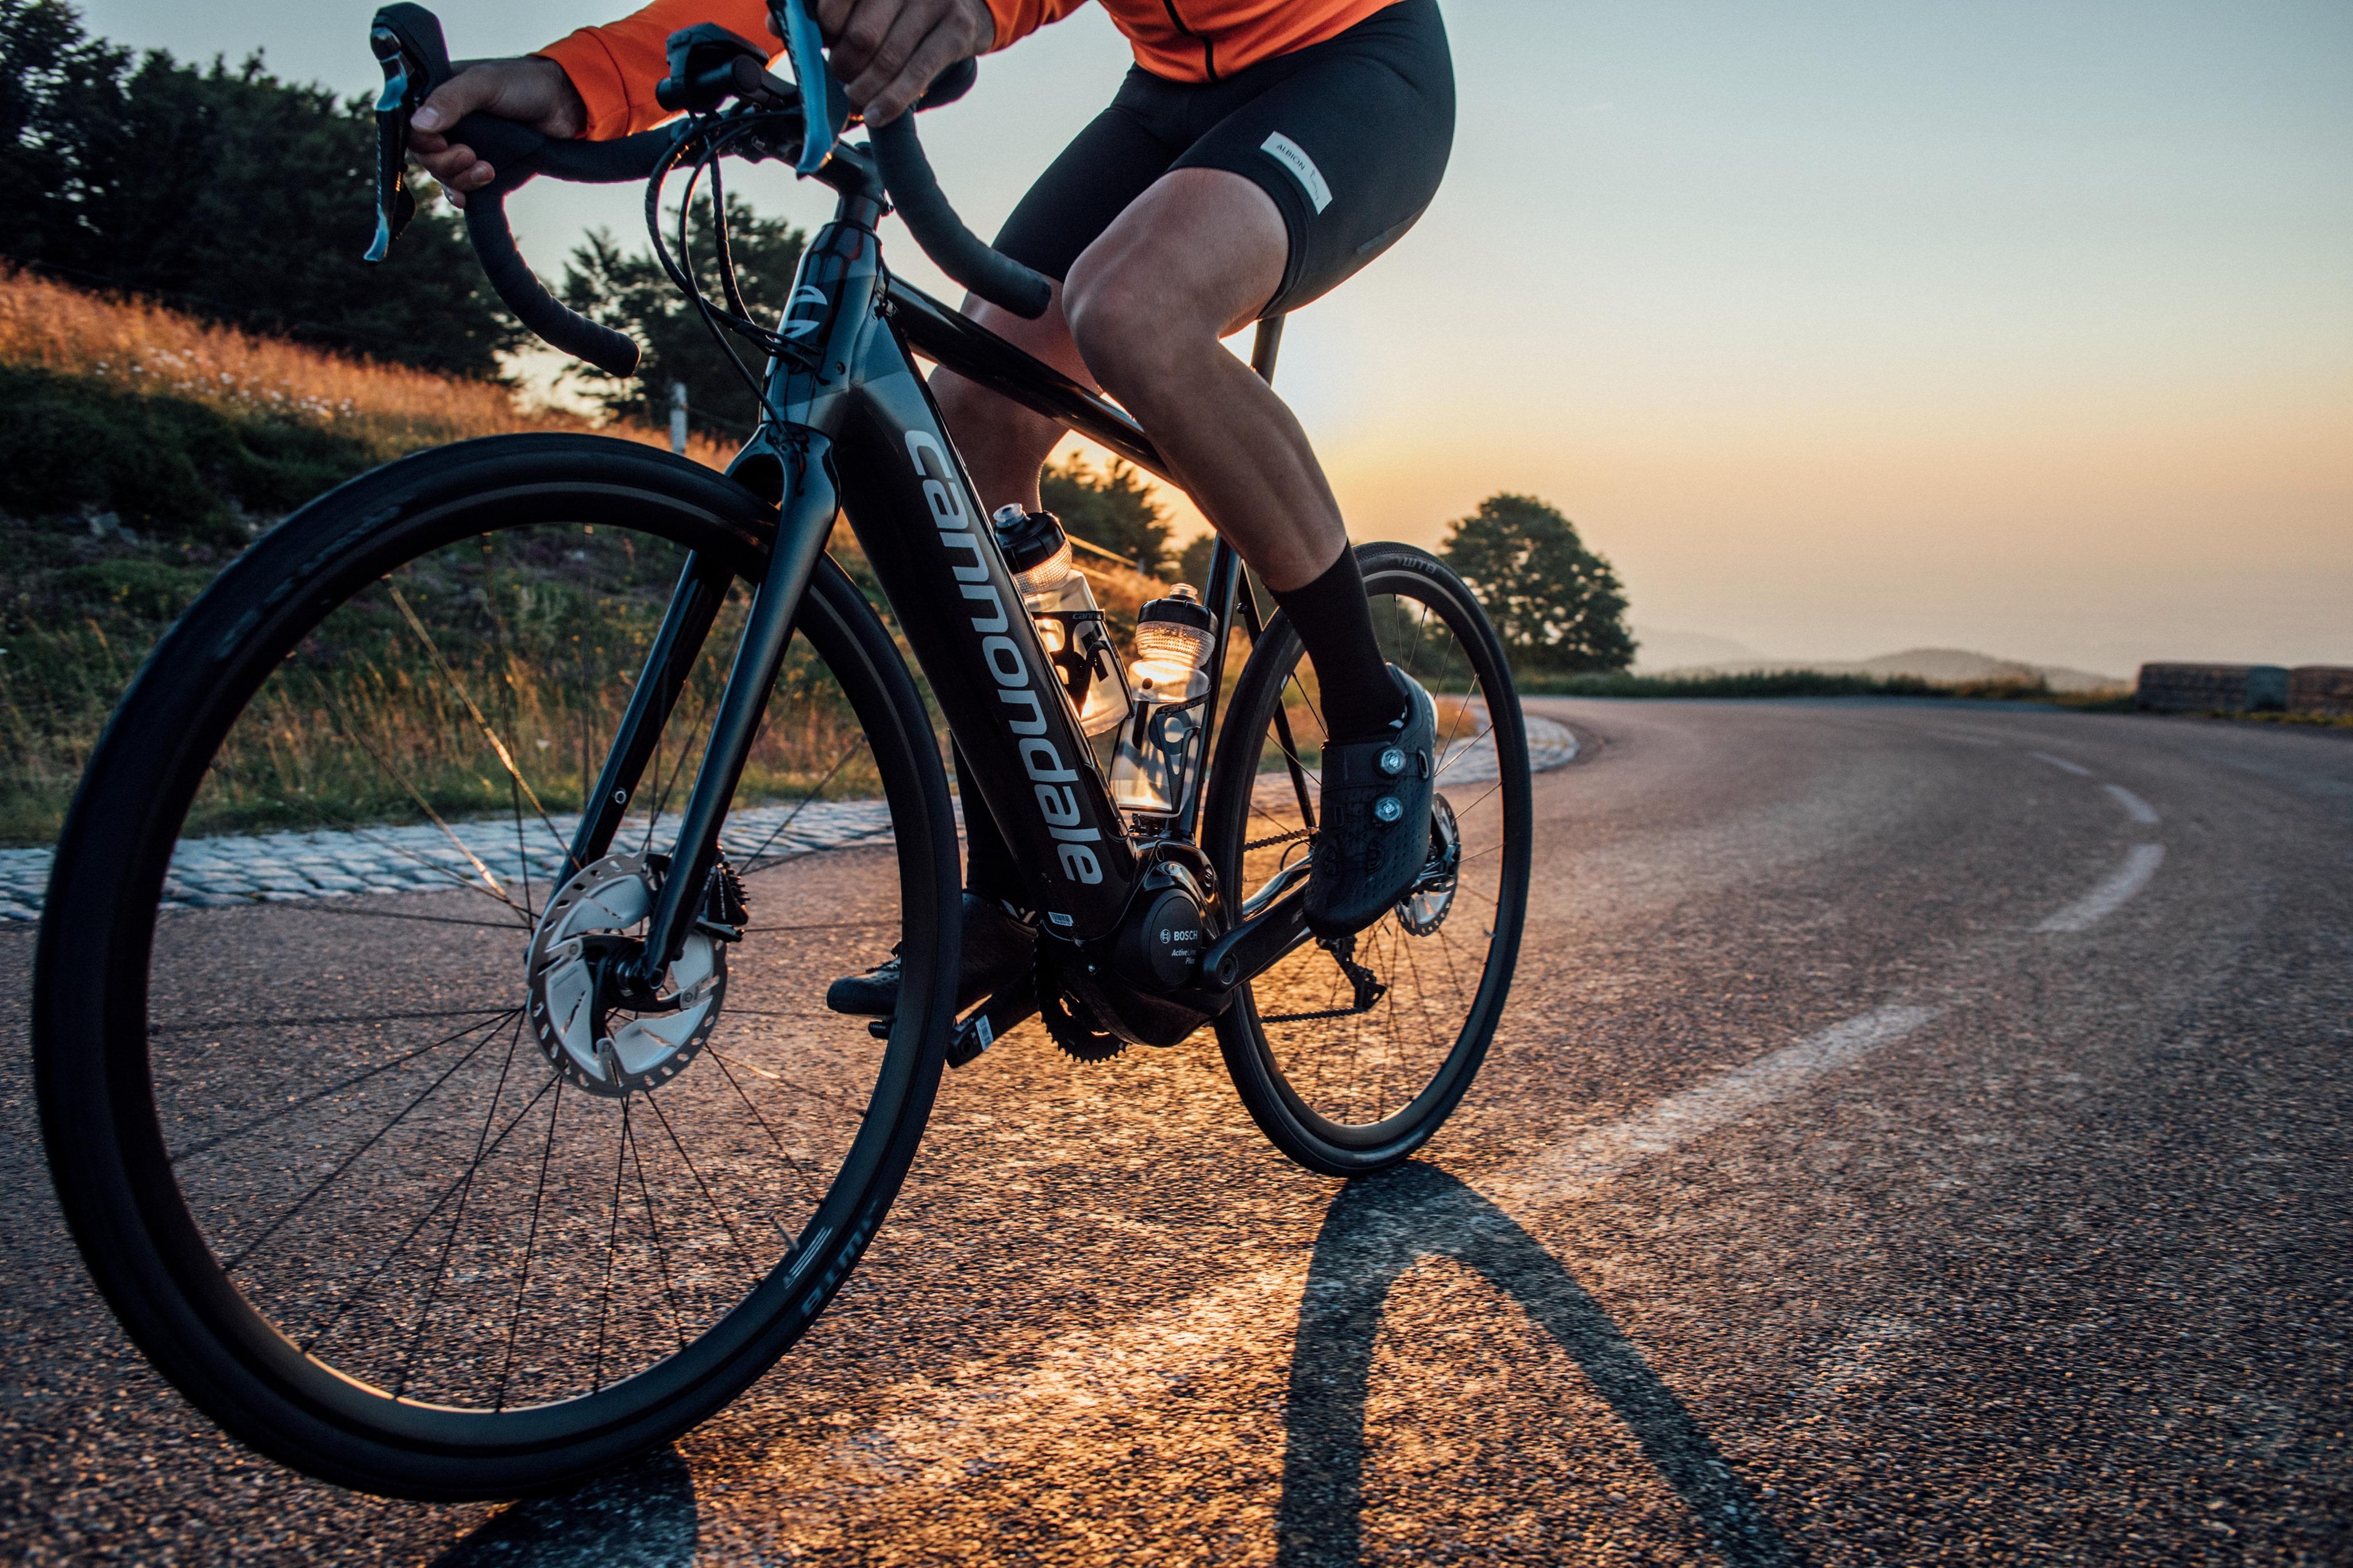 Vélo de route électrique - Le Synapse Neo de Cannondale